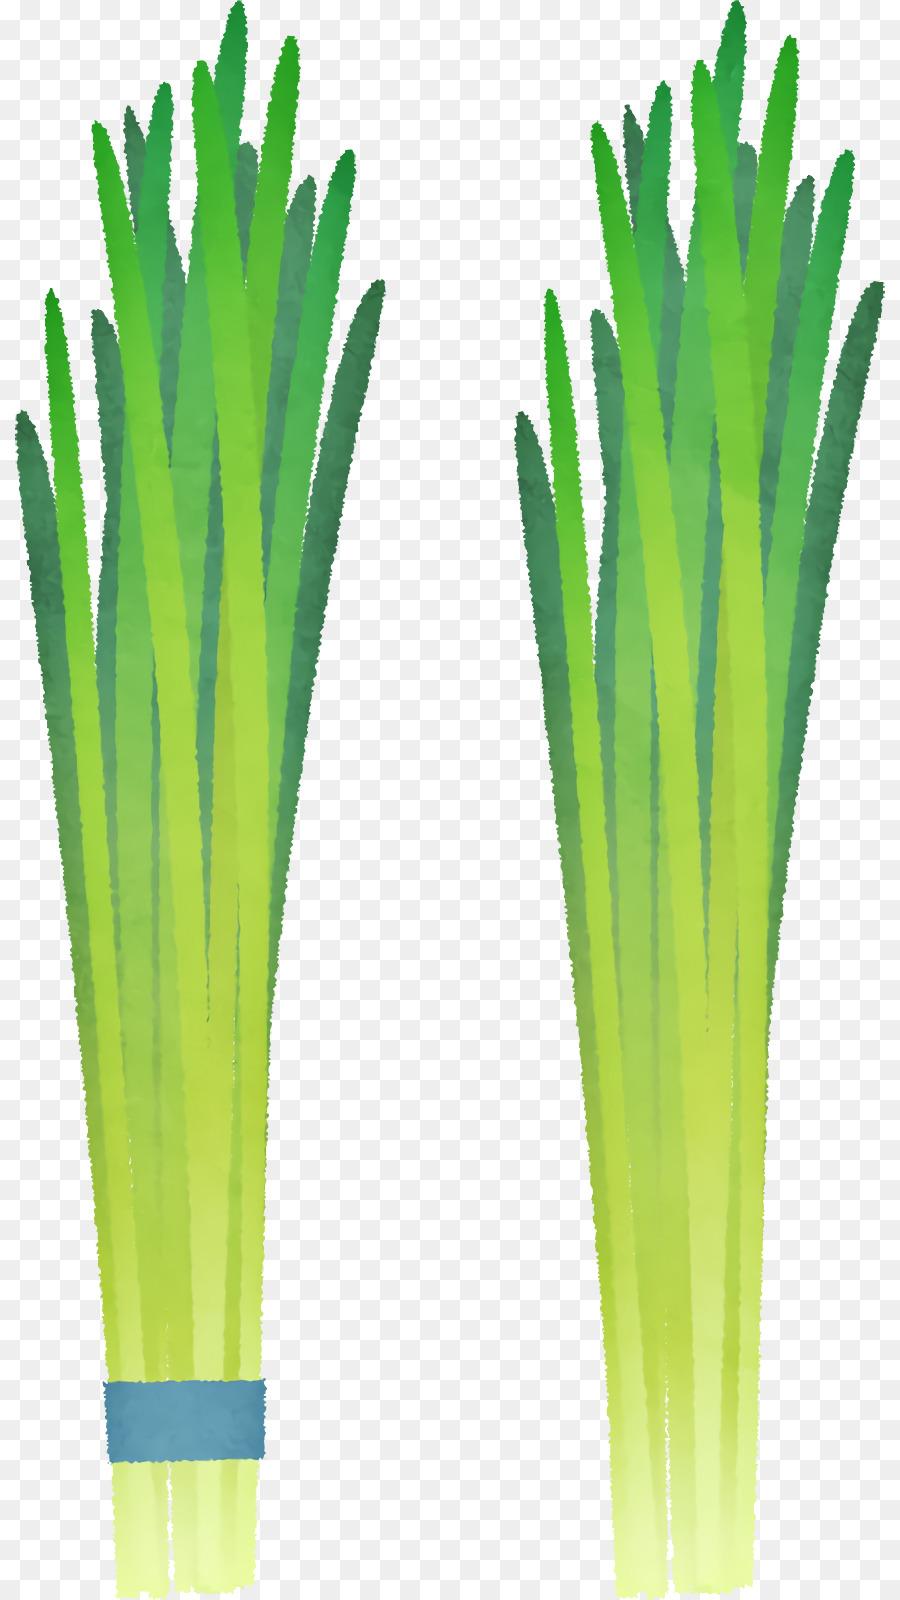 Descarga gratuita de Cebolla De Gales, De Los Productos Básicos, Hierba Imágen de Png